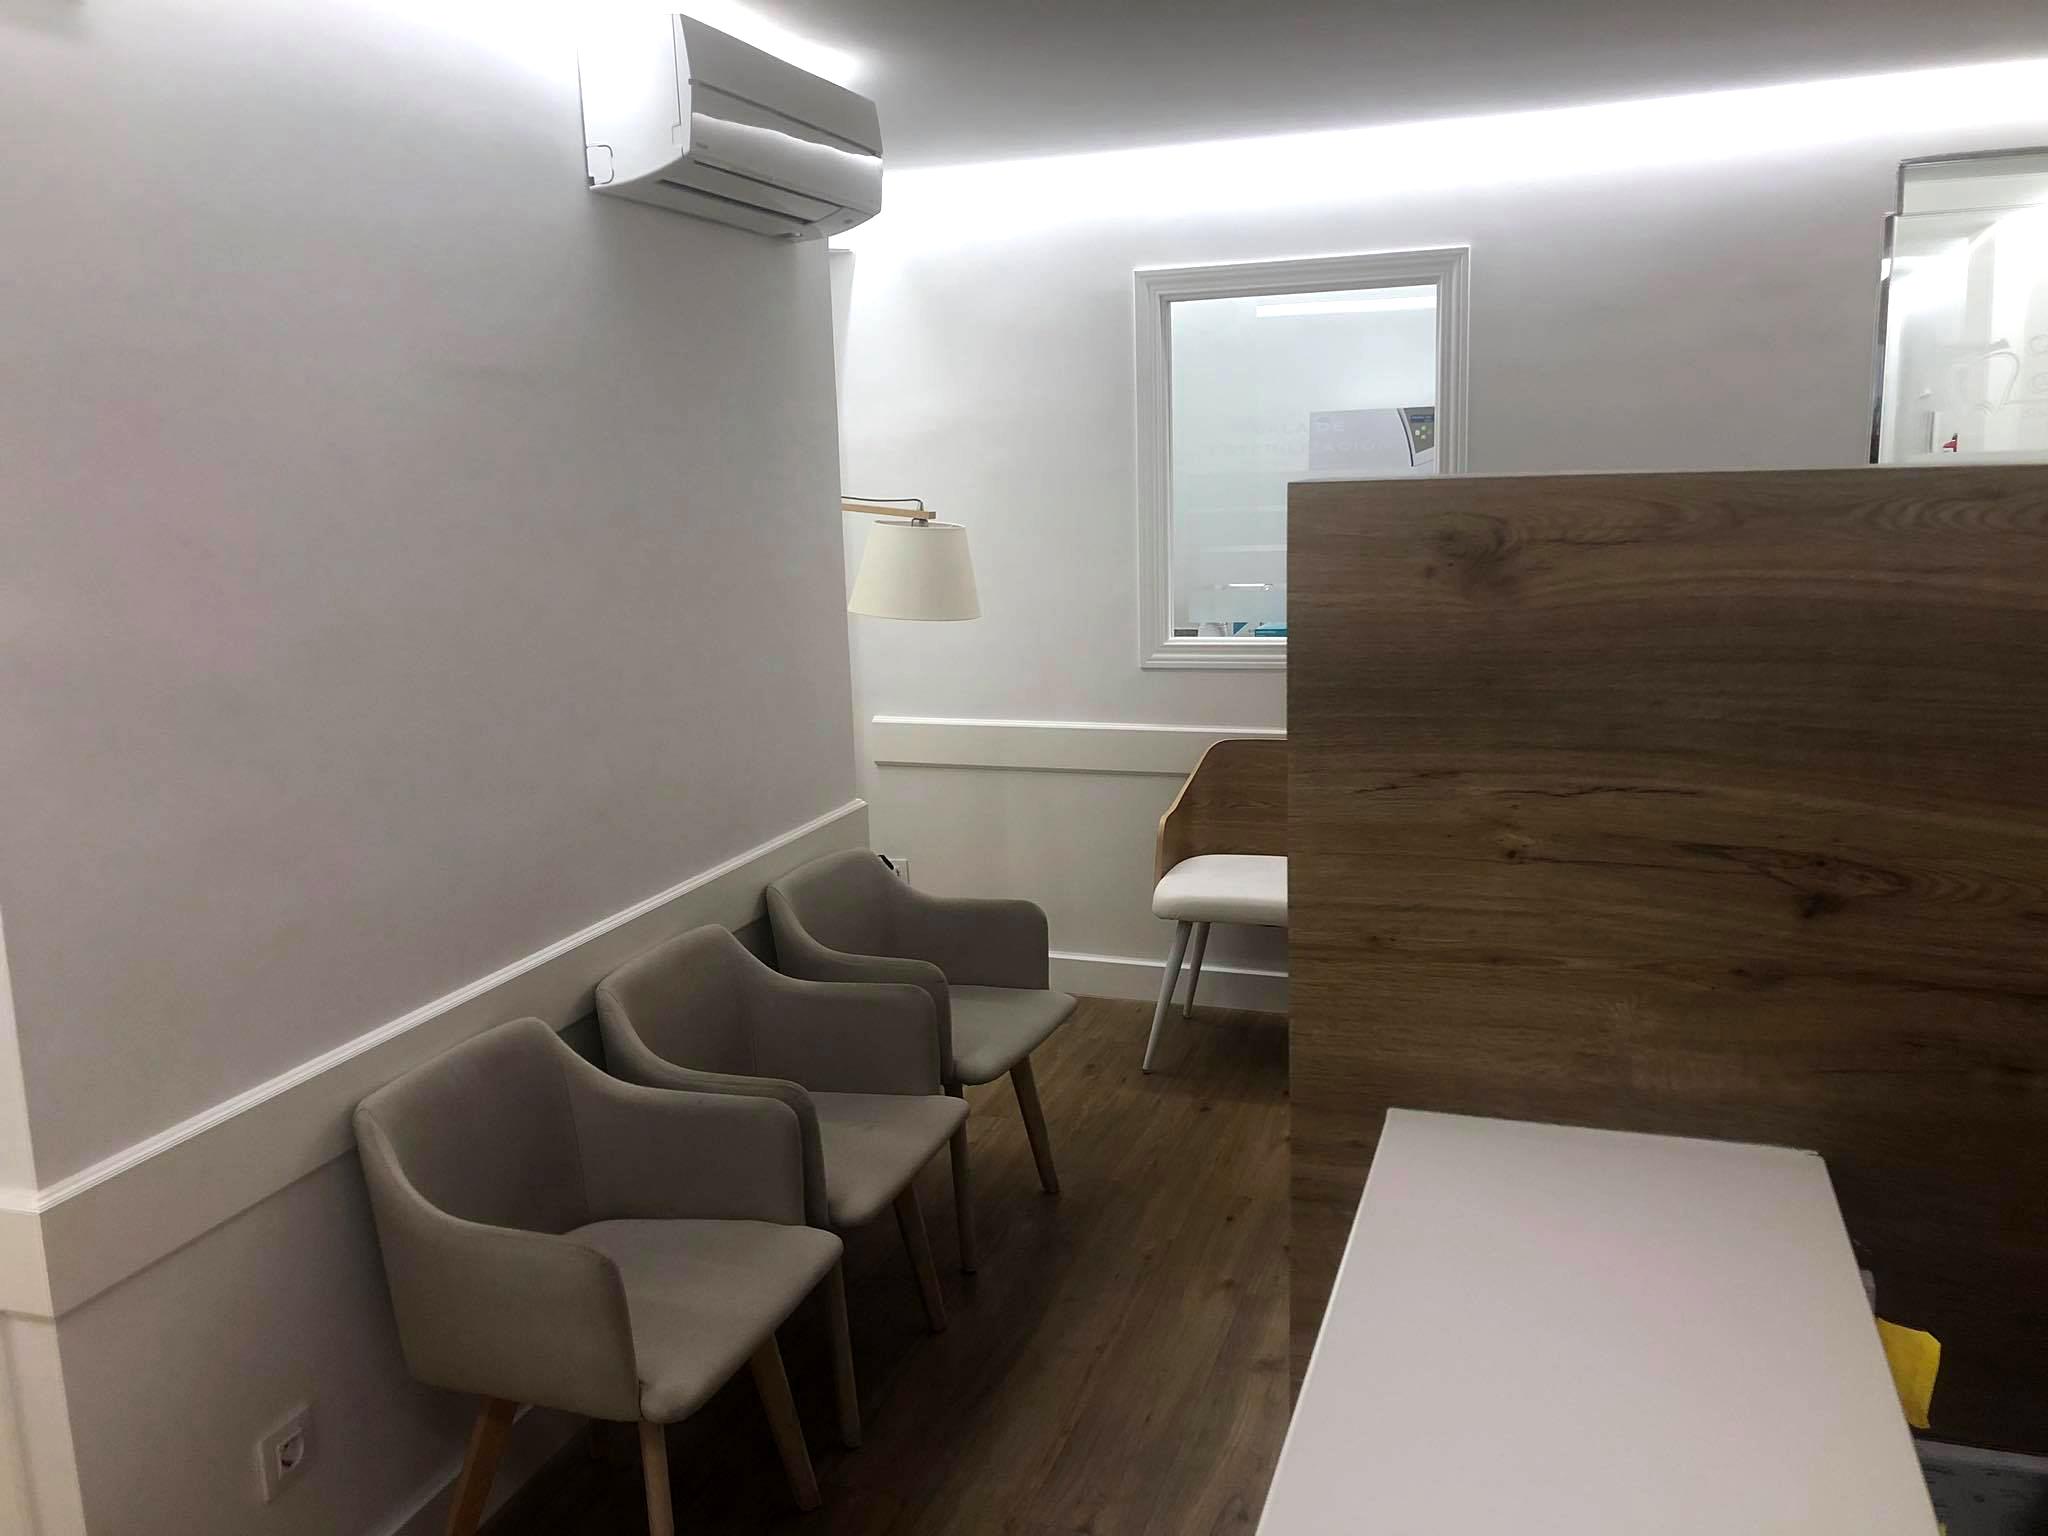 Reformas integrales La Rioja   Reformas Locales y Vivienda   Clínica Dental Logroño